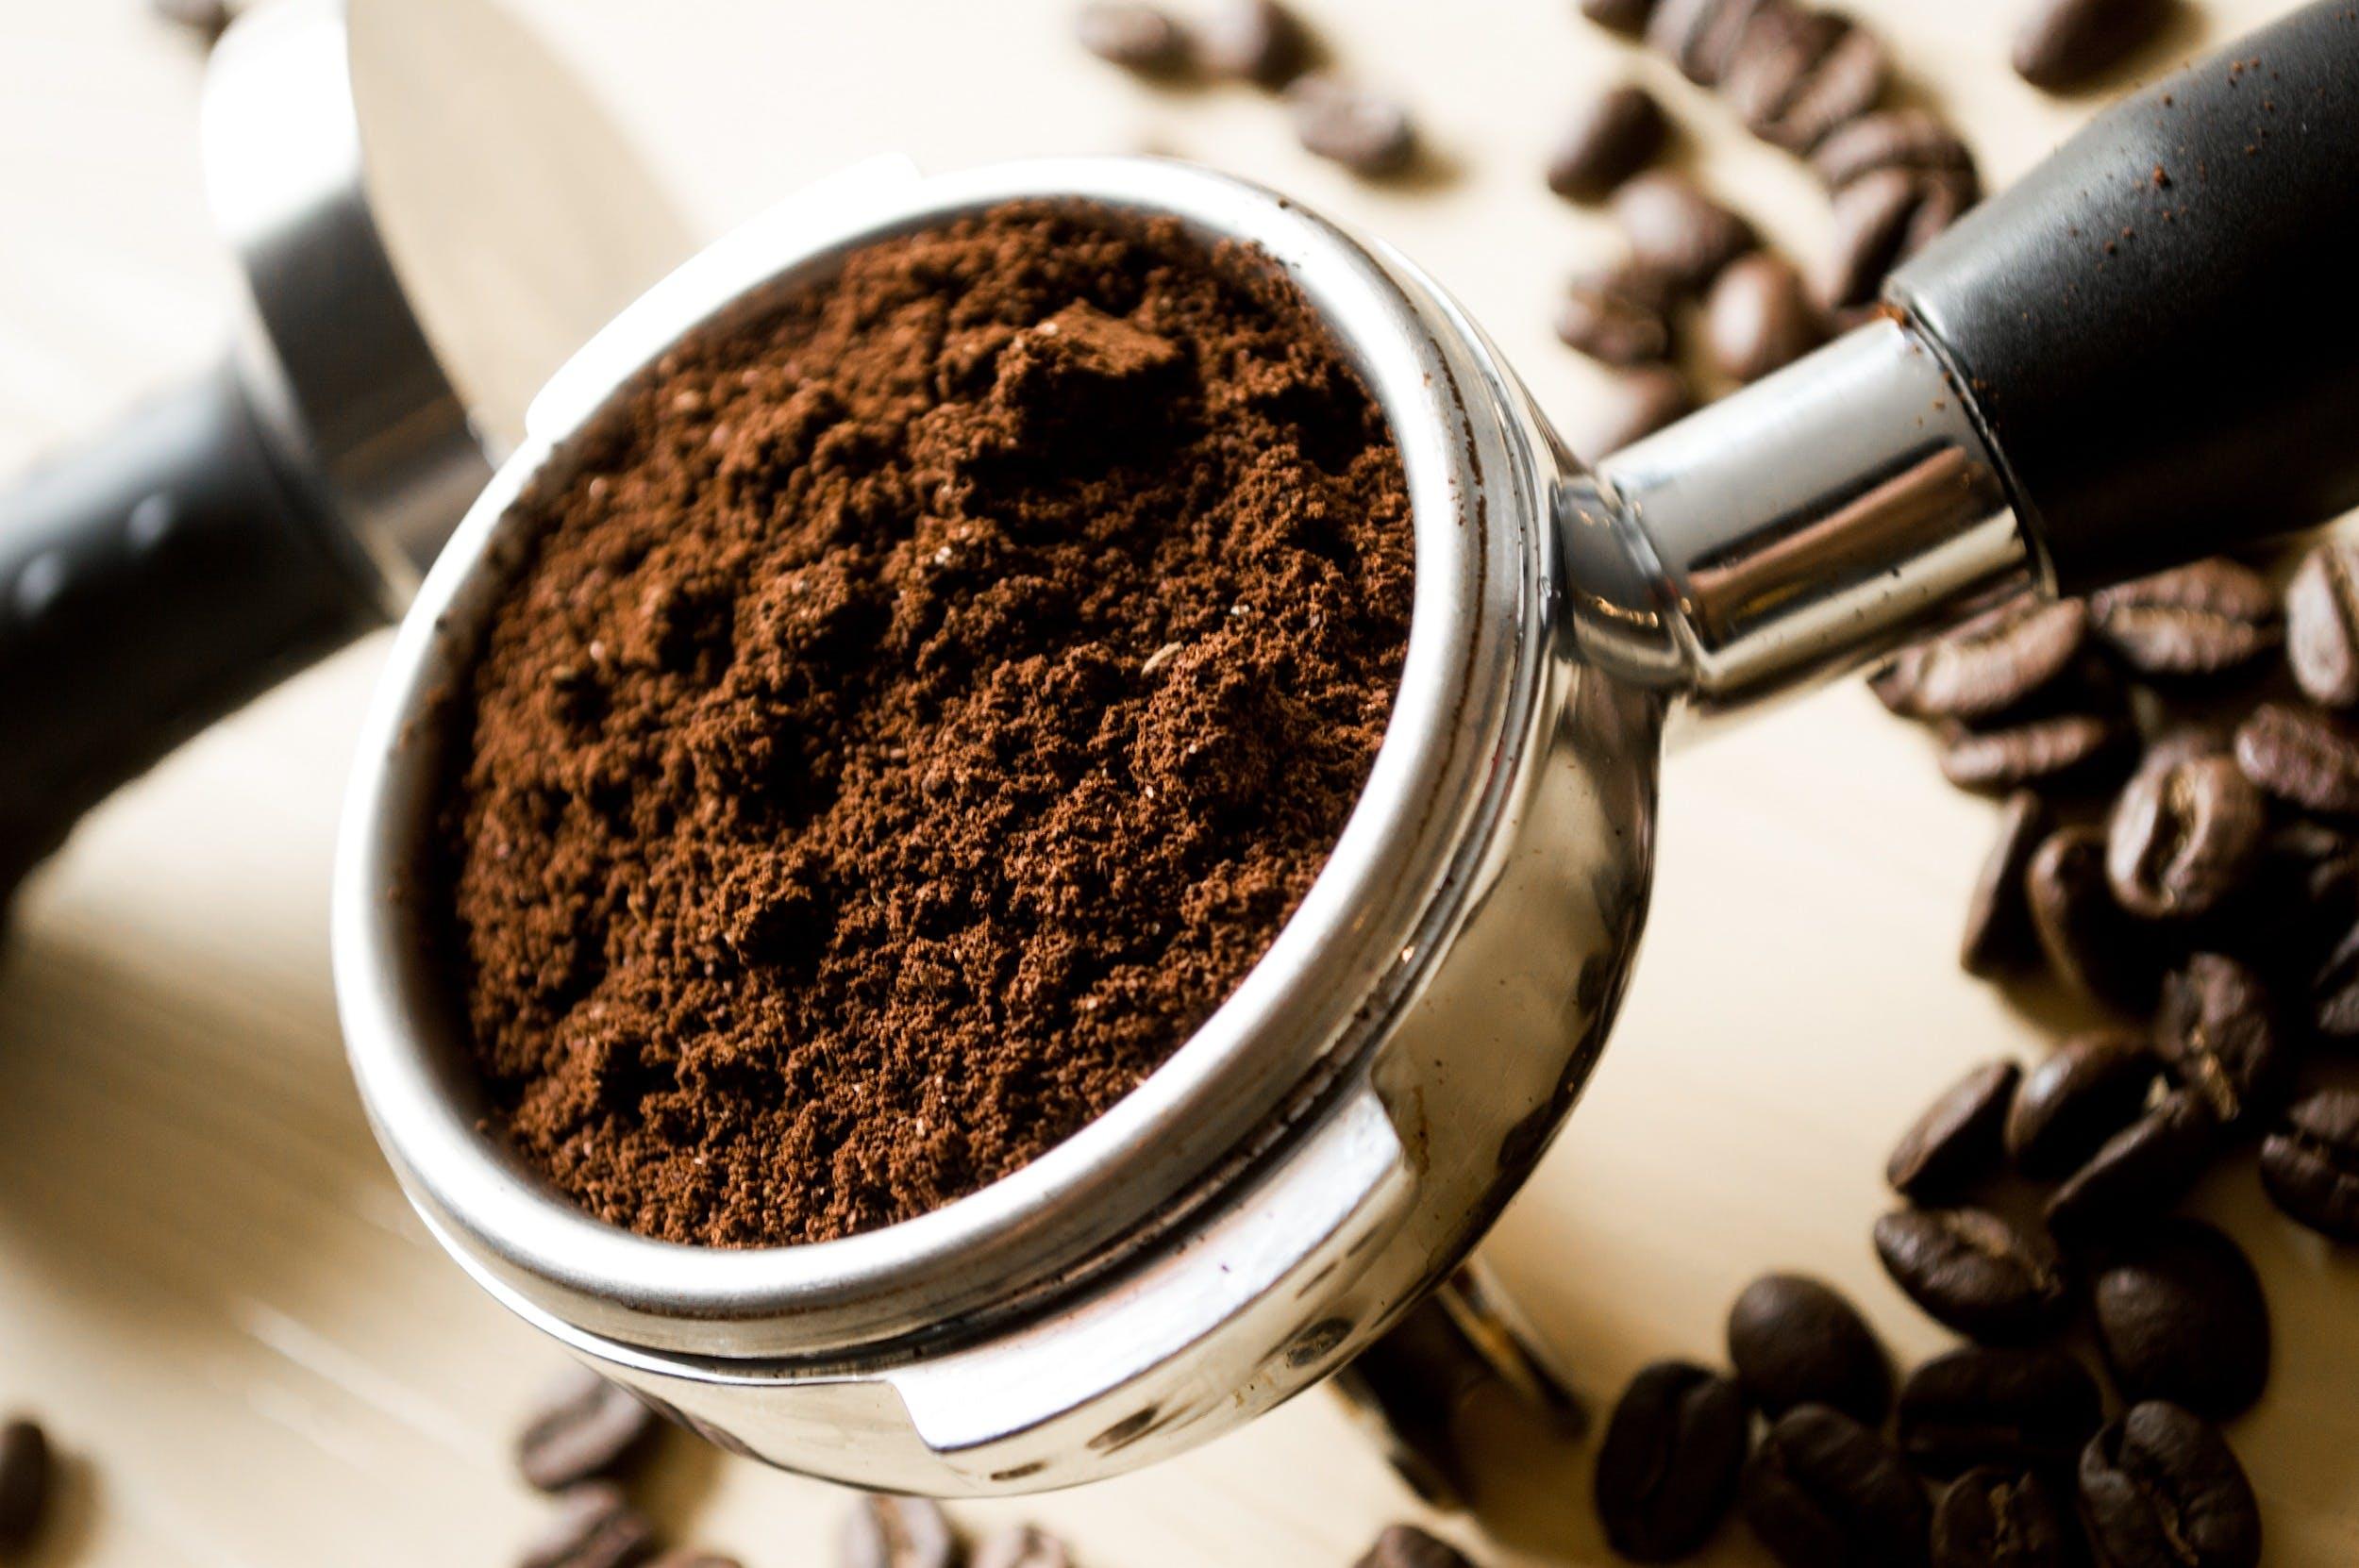 Black Coffee in Stainless Steel Scoop